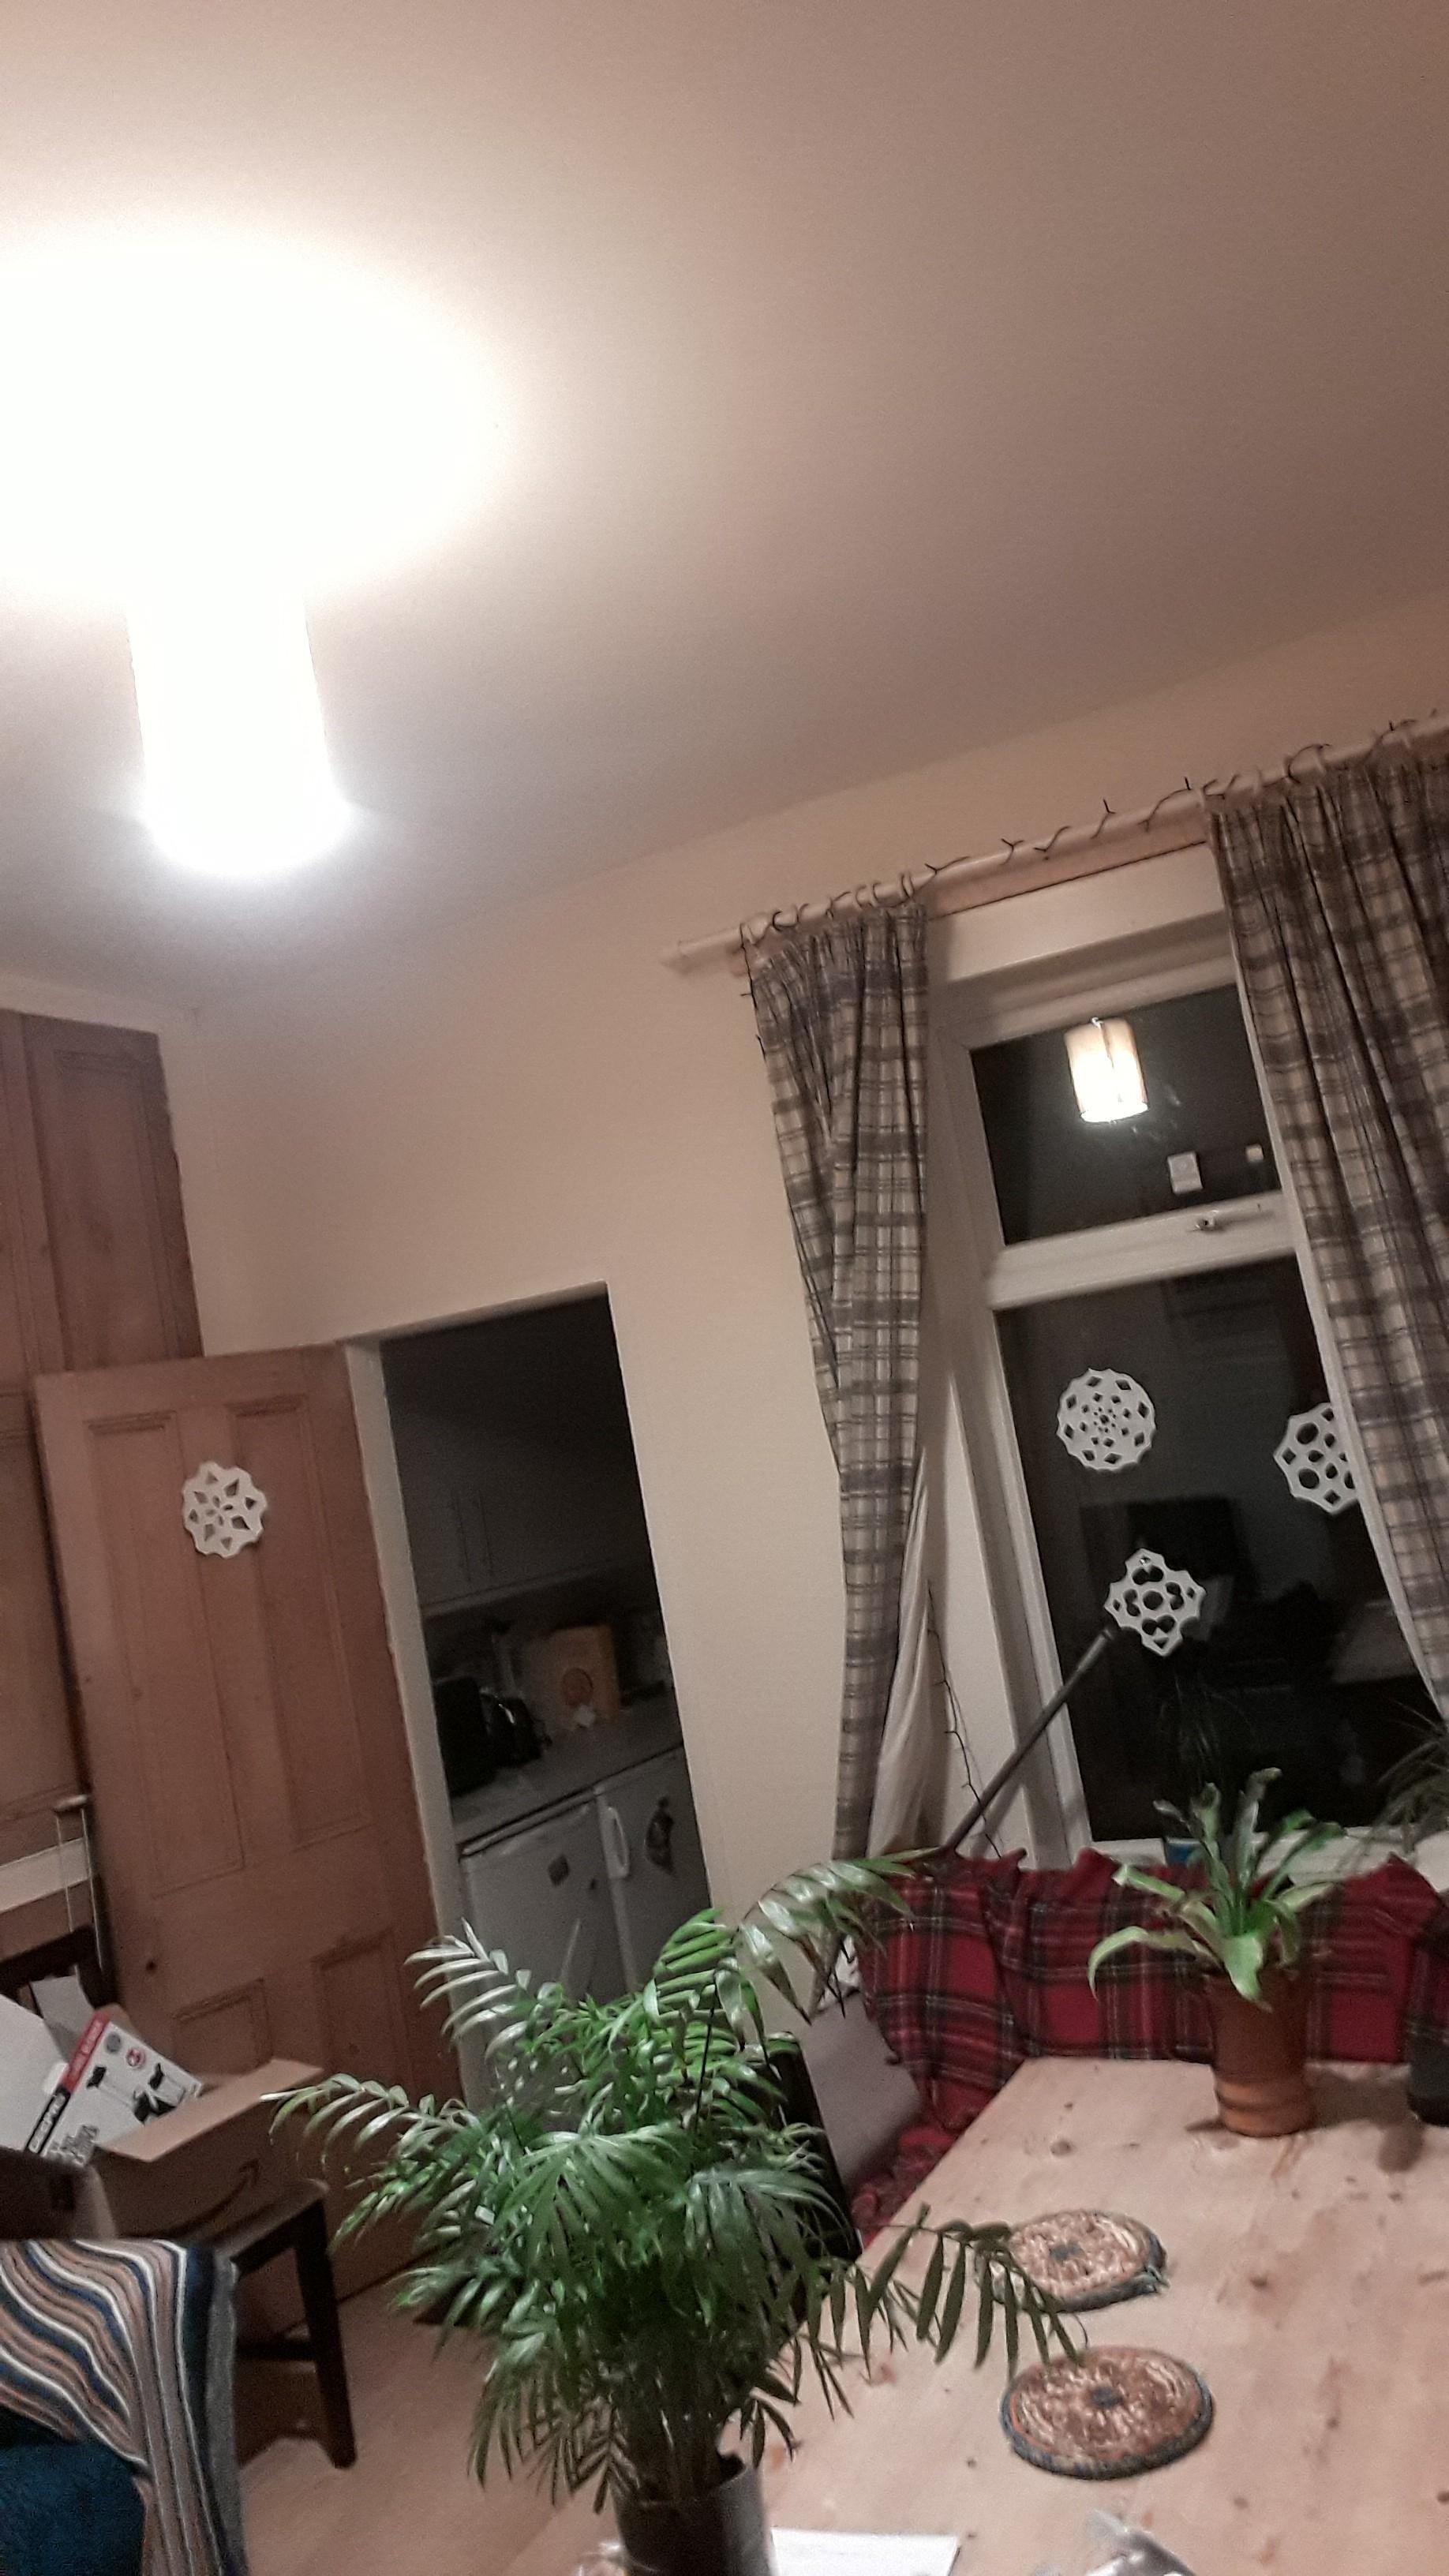 room-shared-house-crookesmoor-23fc5073cacbbfaad4b7810b684380b5